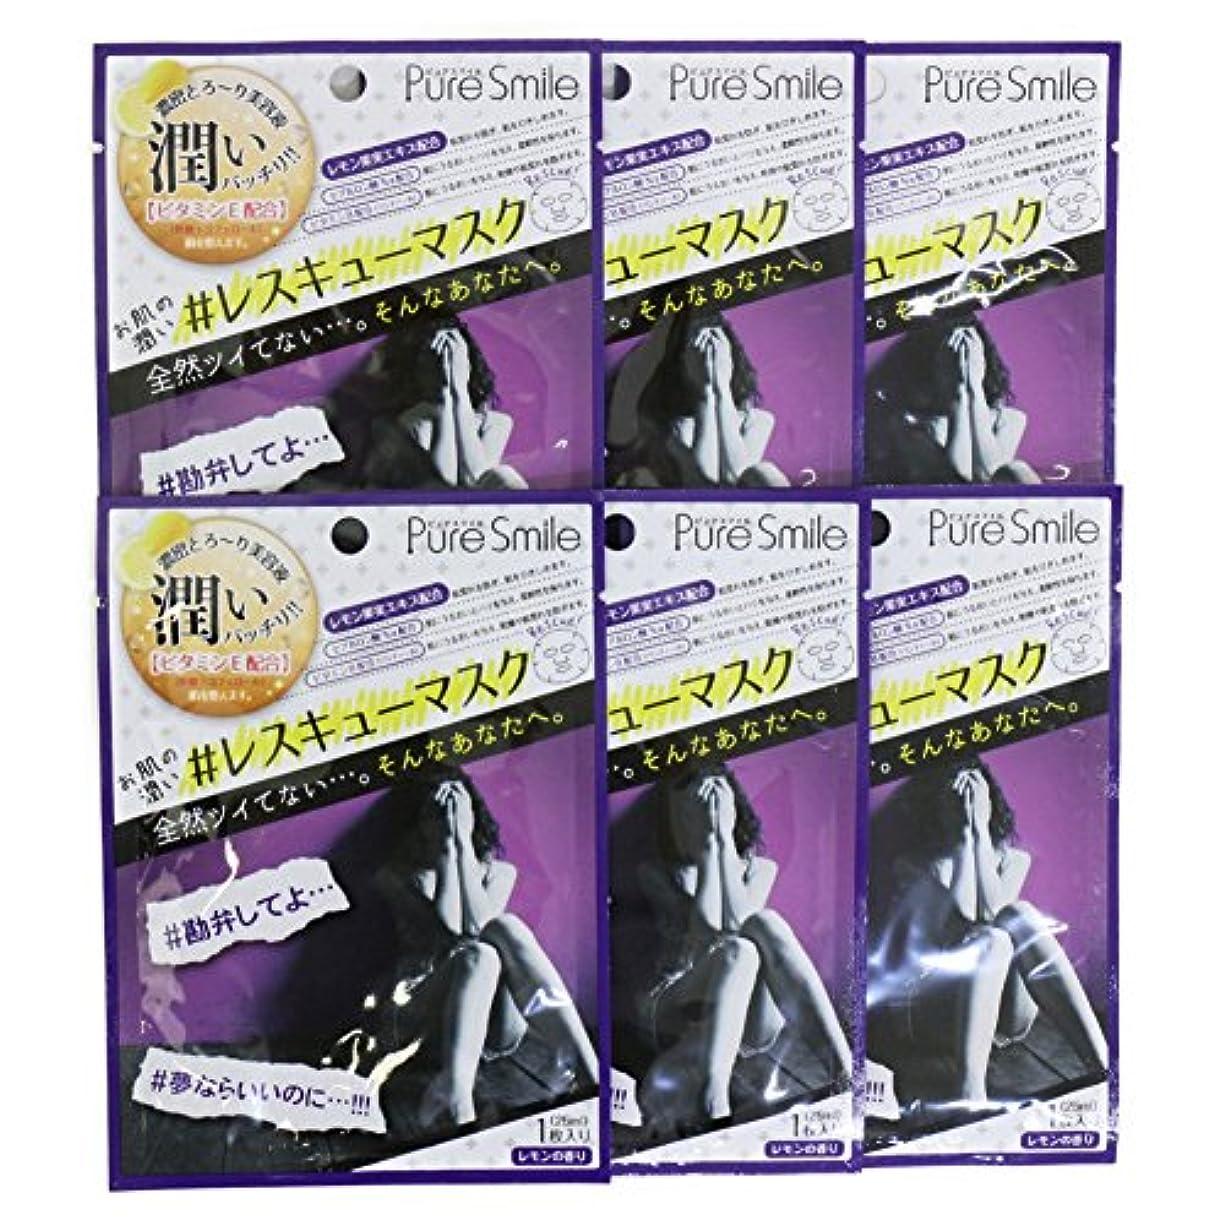 トレイ奨励グレートオークPure Smile ピュアスマイル RCSエッセンスマスク レモン 6枚セット